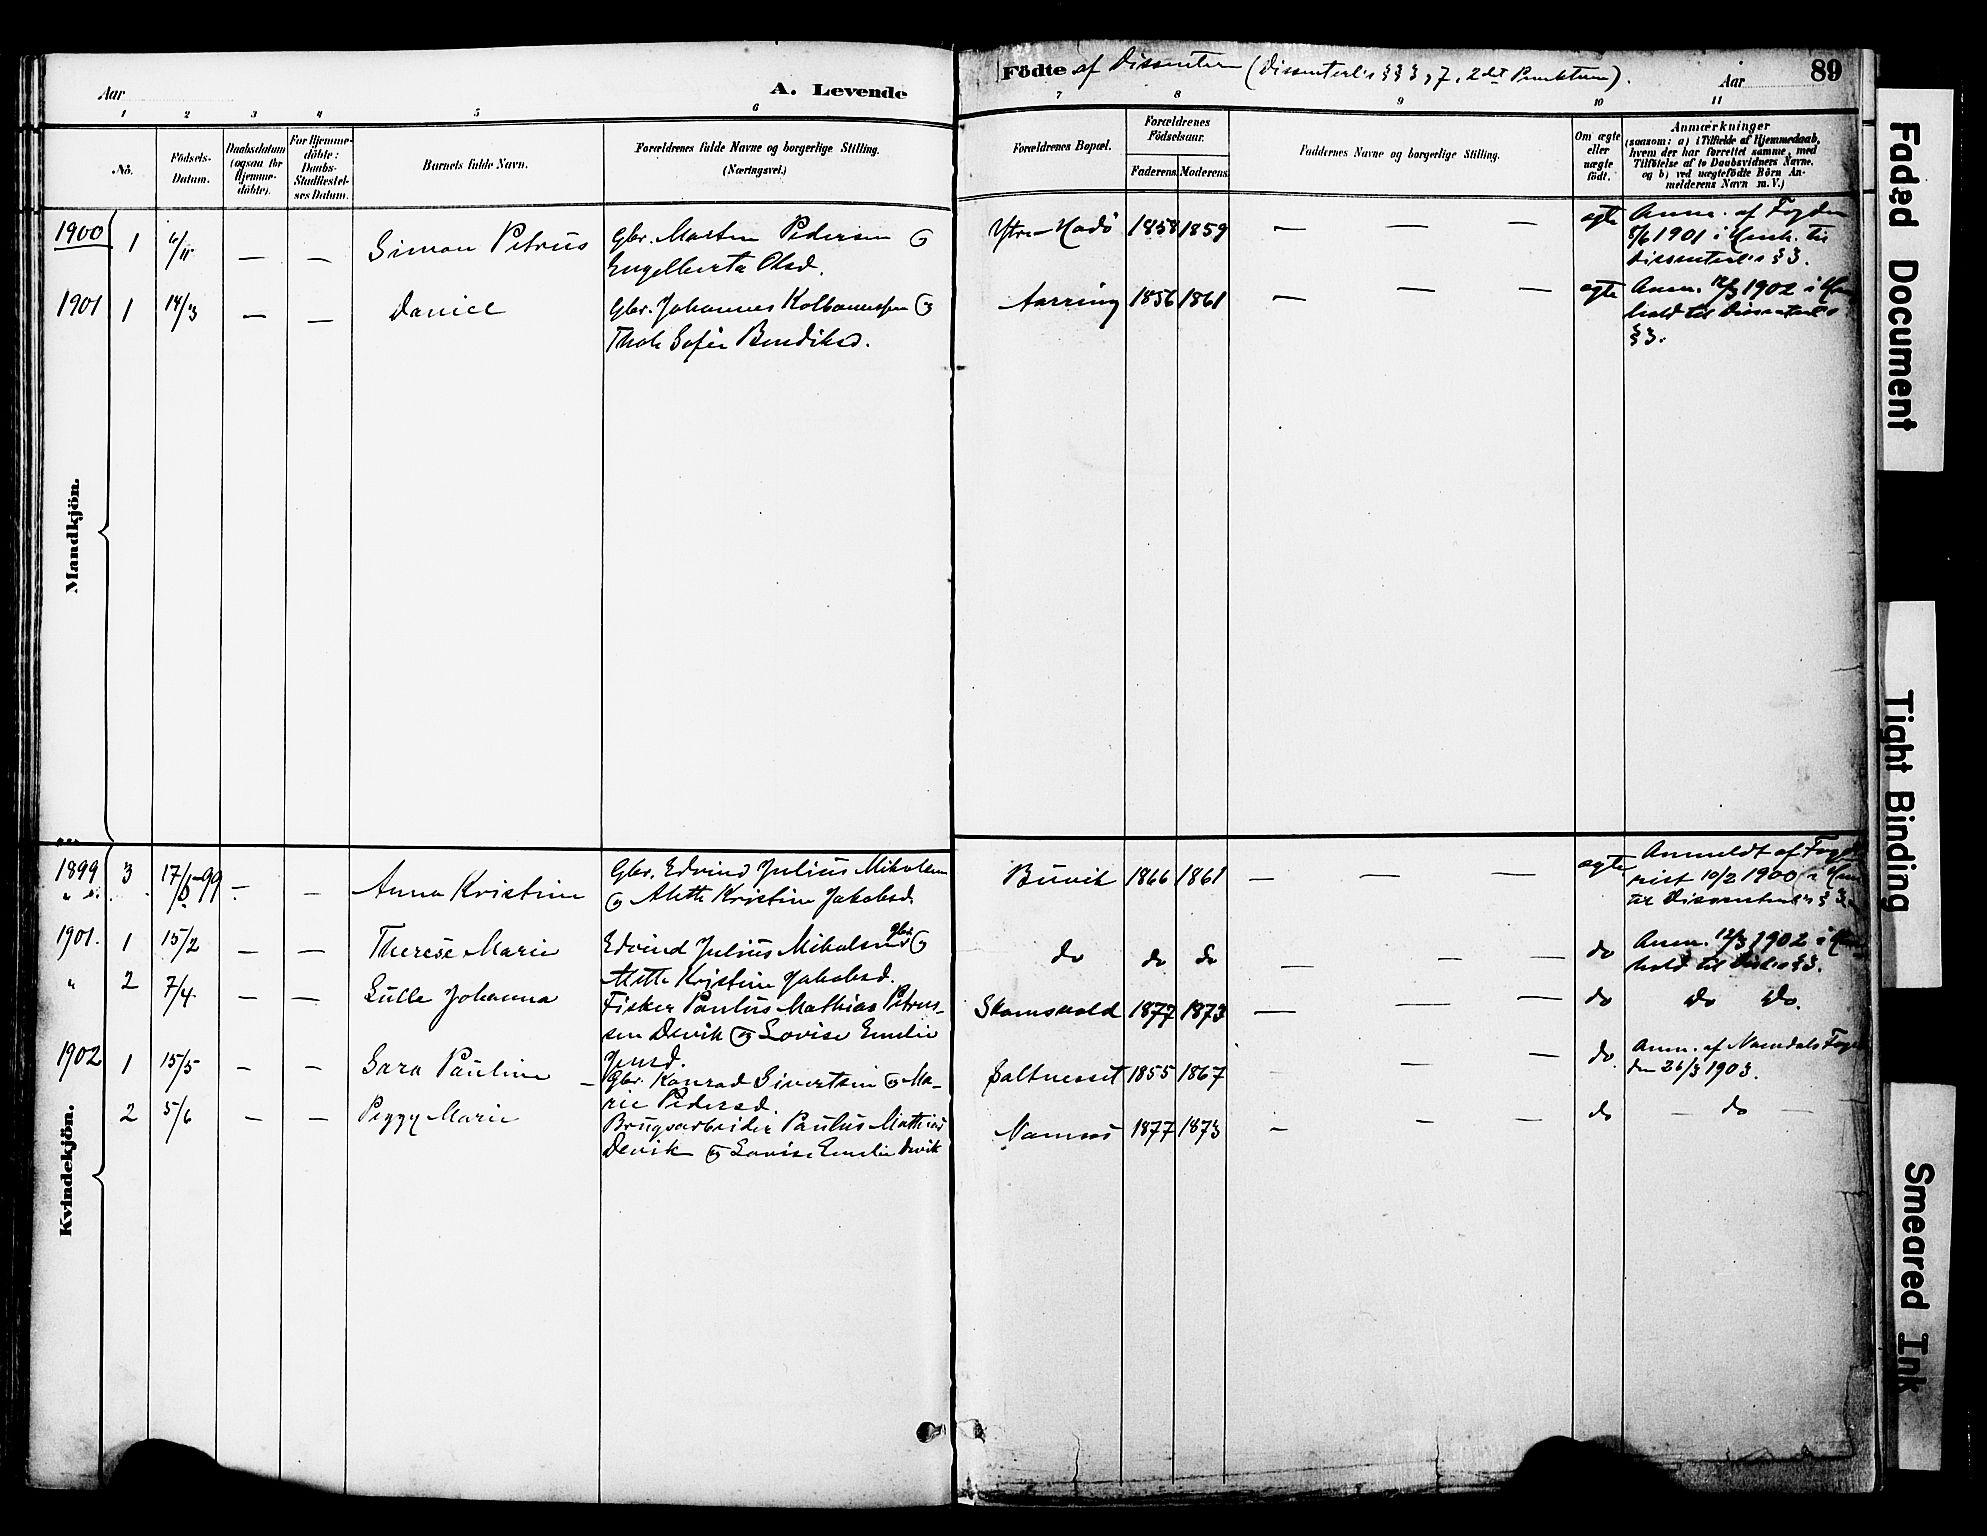 SAT, Ministerialprotokoller, klokkerbøker og fødselsregistre - Nord-Trøndelag, 774/L0628: Ministerialbok nr. 774A02, 1887-1903, s. 89